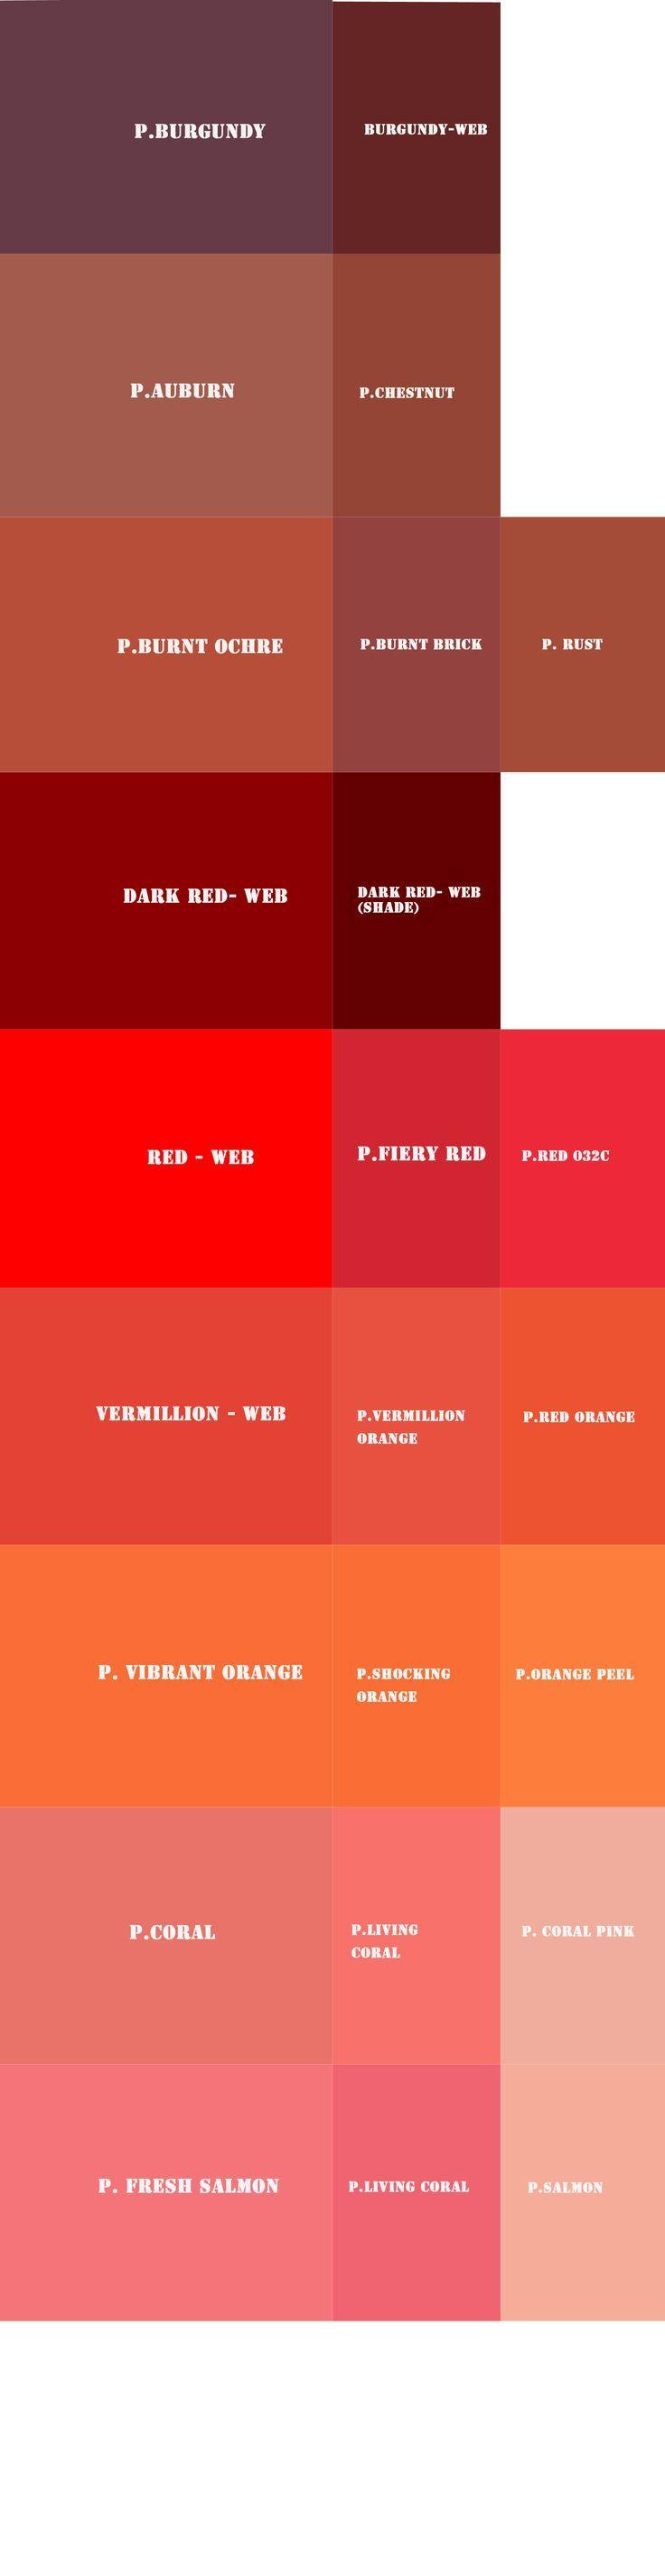 red rot of sugarcane pdf